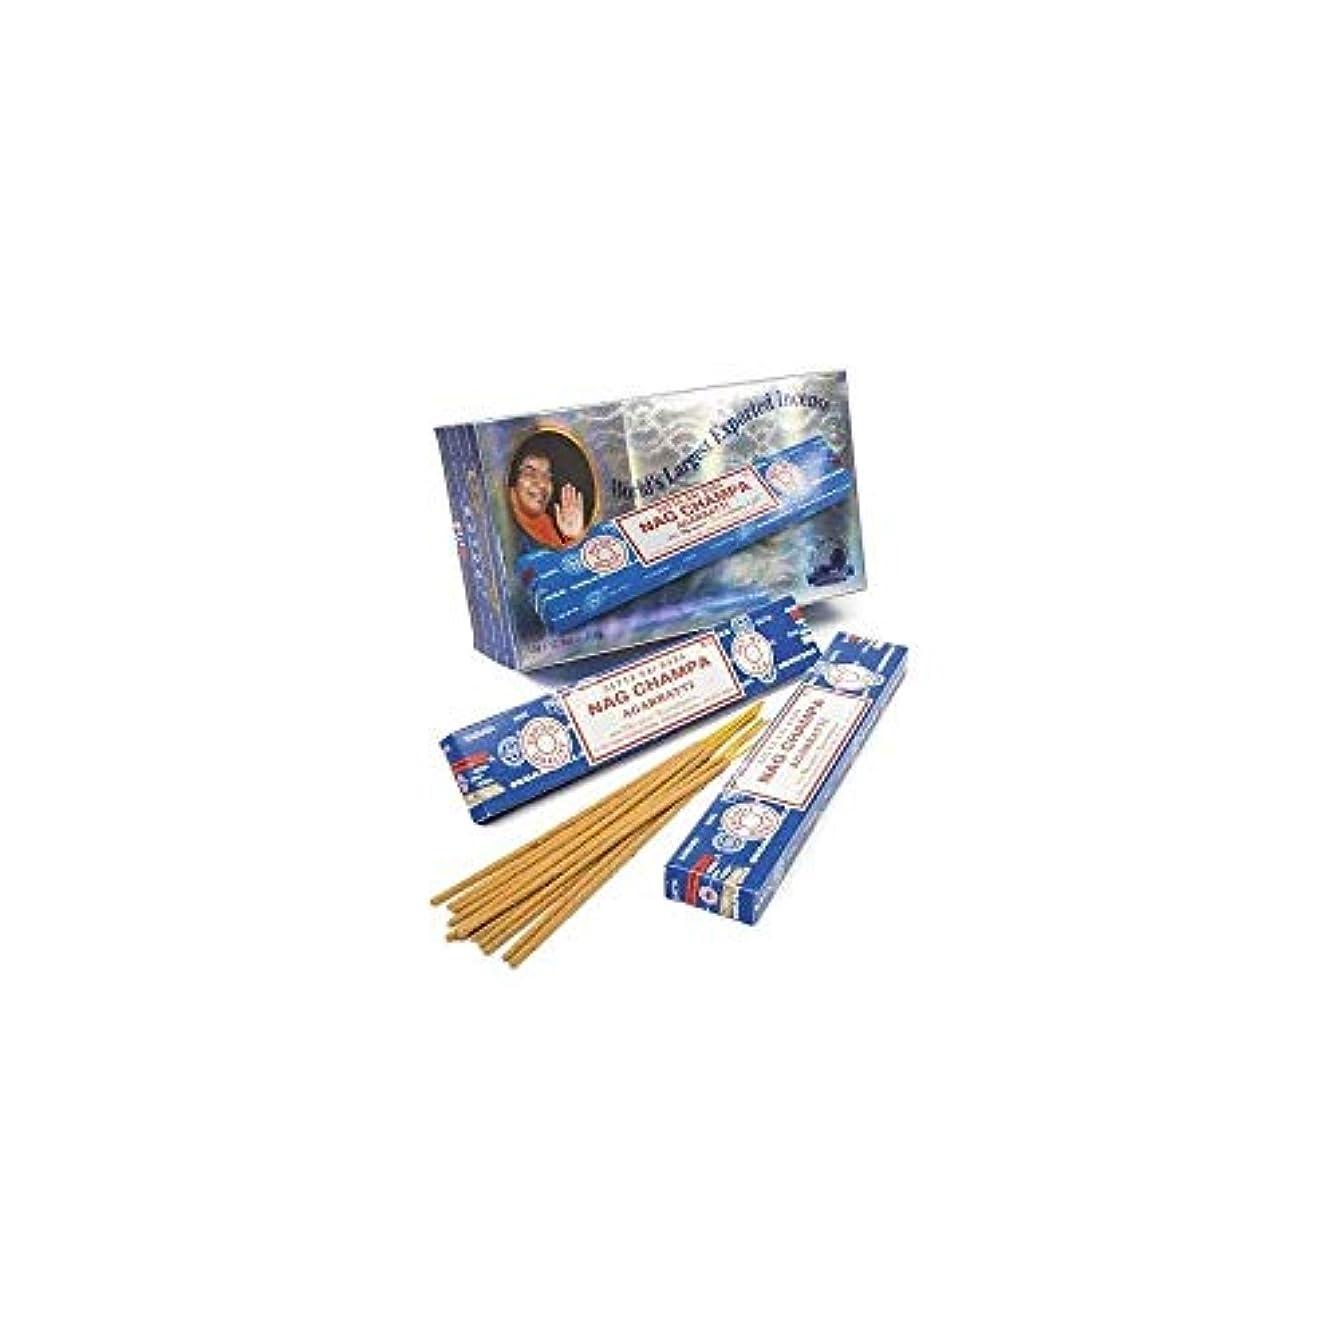 影響力のあるフルーツ野菜つづりBox Of 12 Packs Of 15g Nag Champa Incense Sticks By Satya